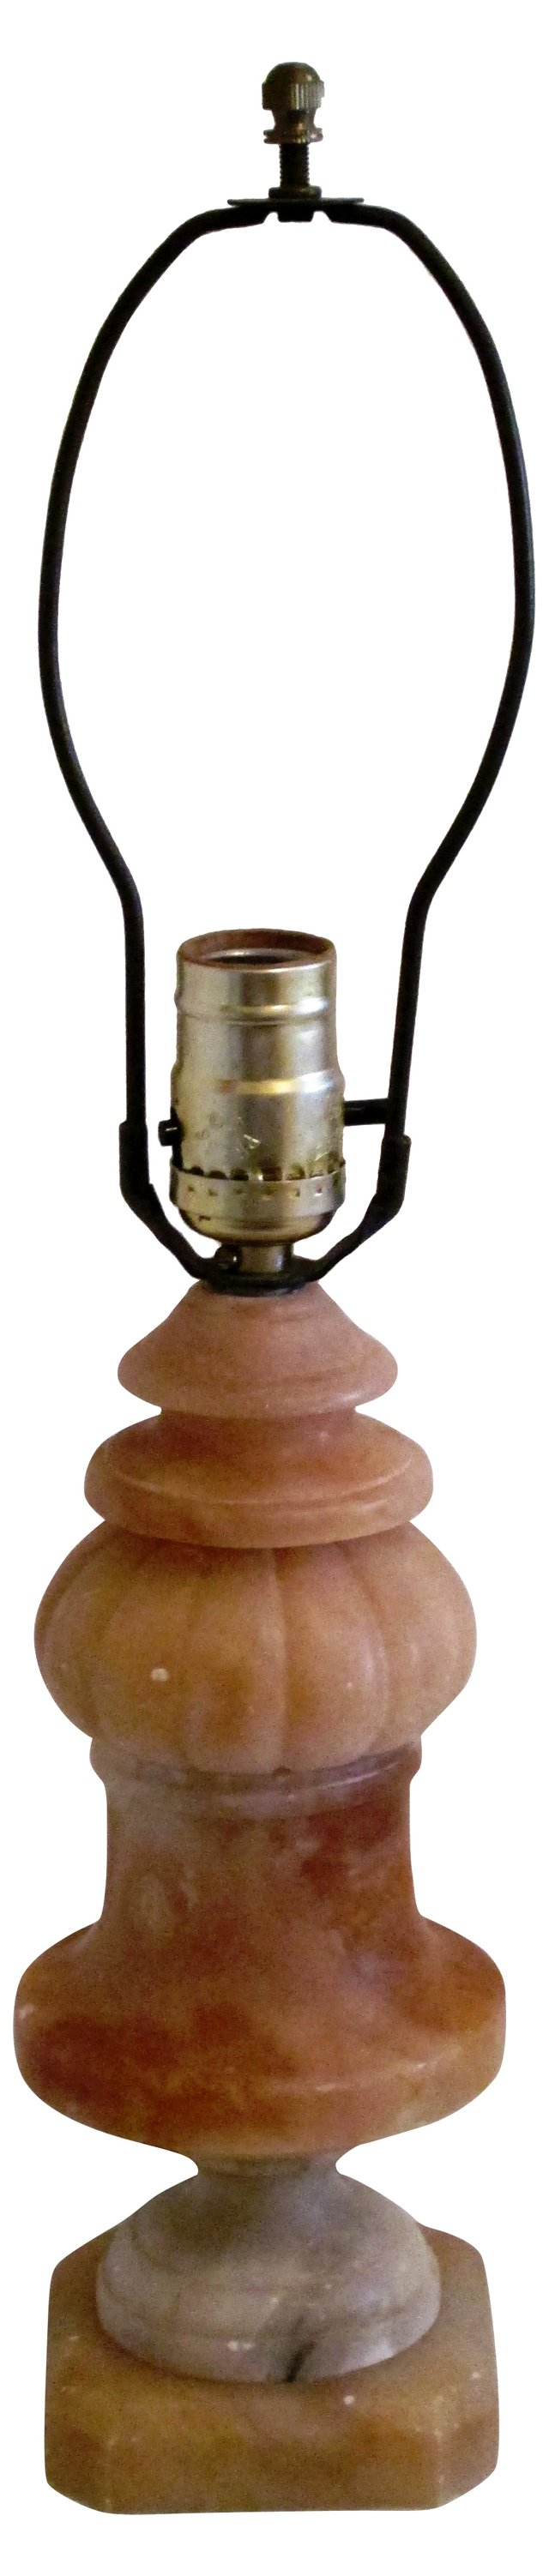 Carved Alabaster Baluster Lamp